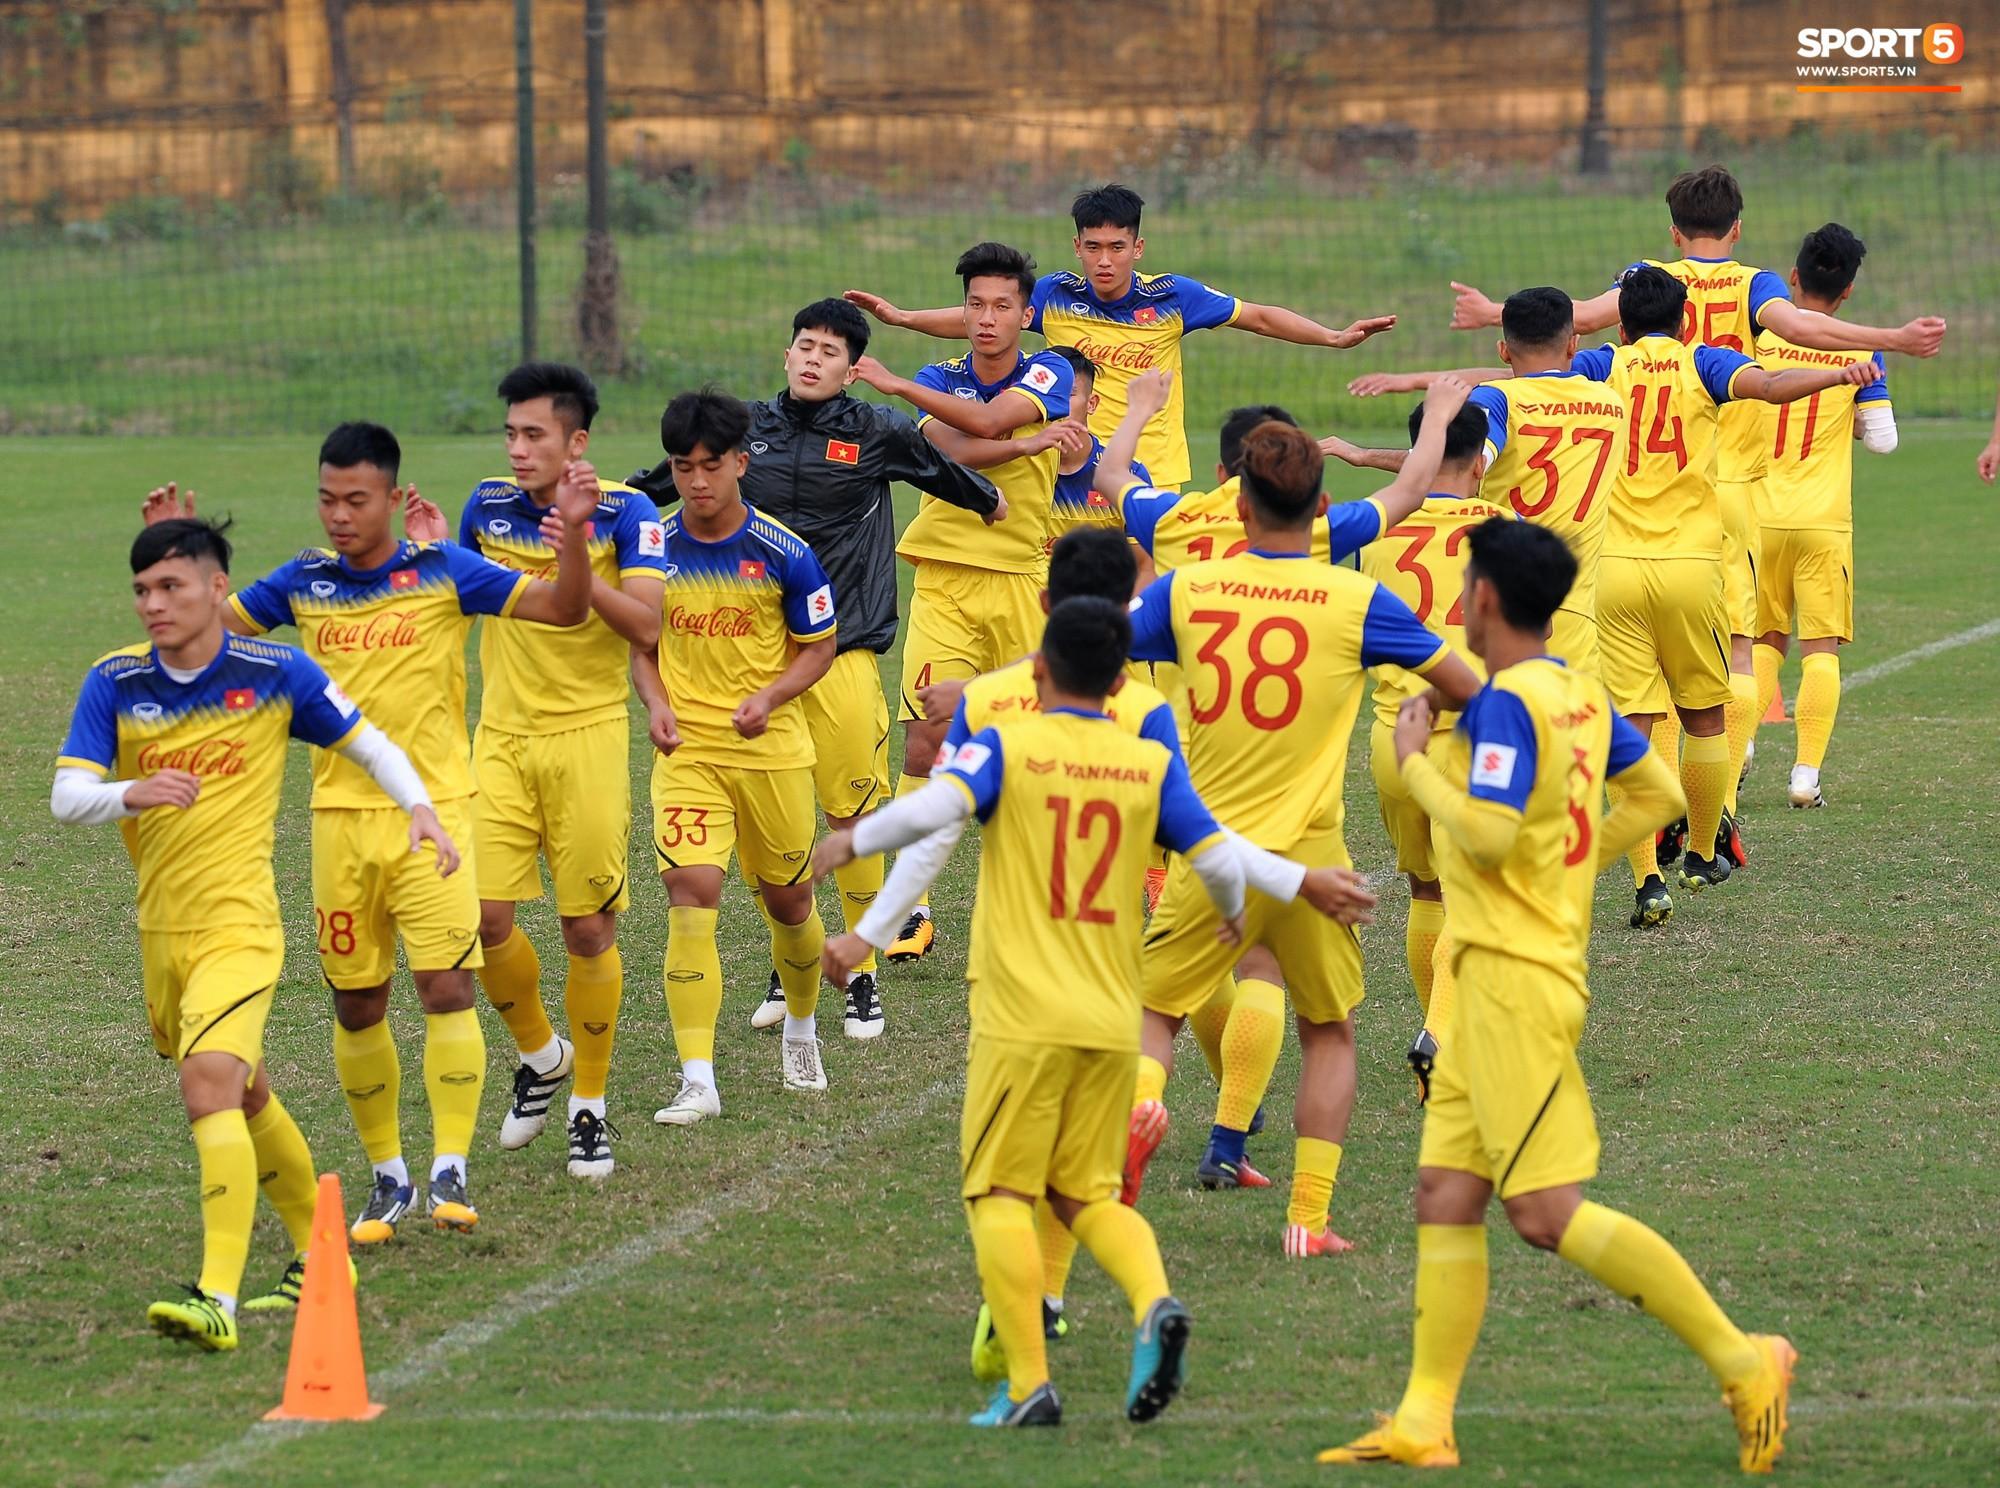 Đá ma mà cũng nắm chặt tay nhau thế này, bảo sao tuyển U23 Việt Nam luôn đoàn kết - Ảnh 10.